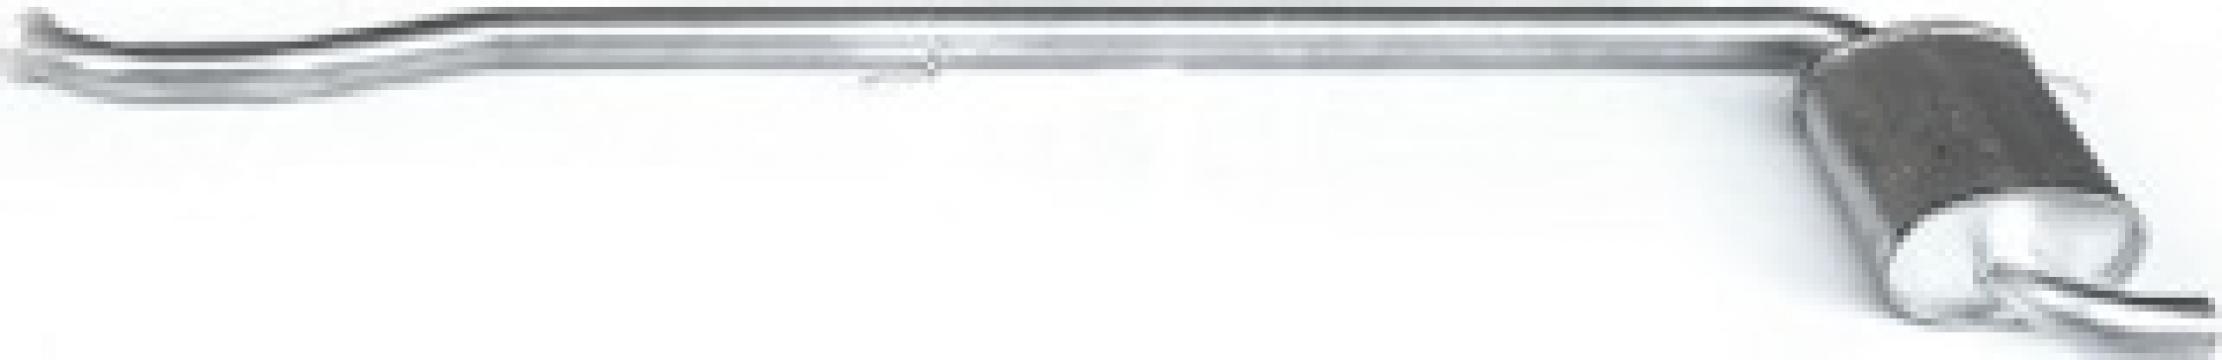 Toba esapament Dacia Supernova, Solenza de la Alex & Bea Auto Group Srl